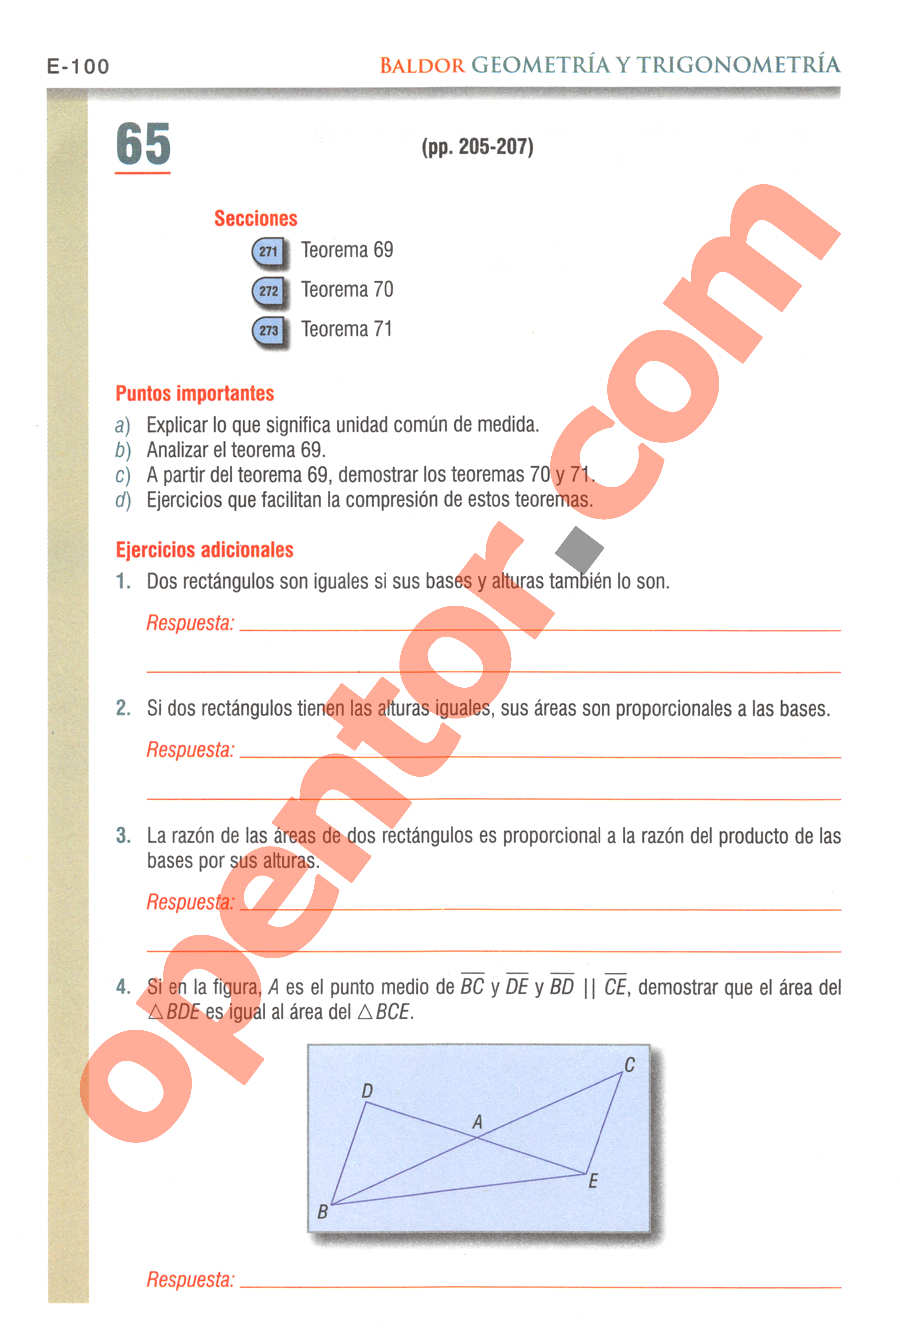 Geometría y Trigonometría de Baldor - Página E100